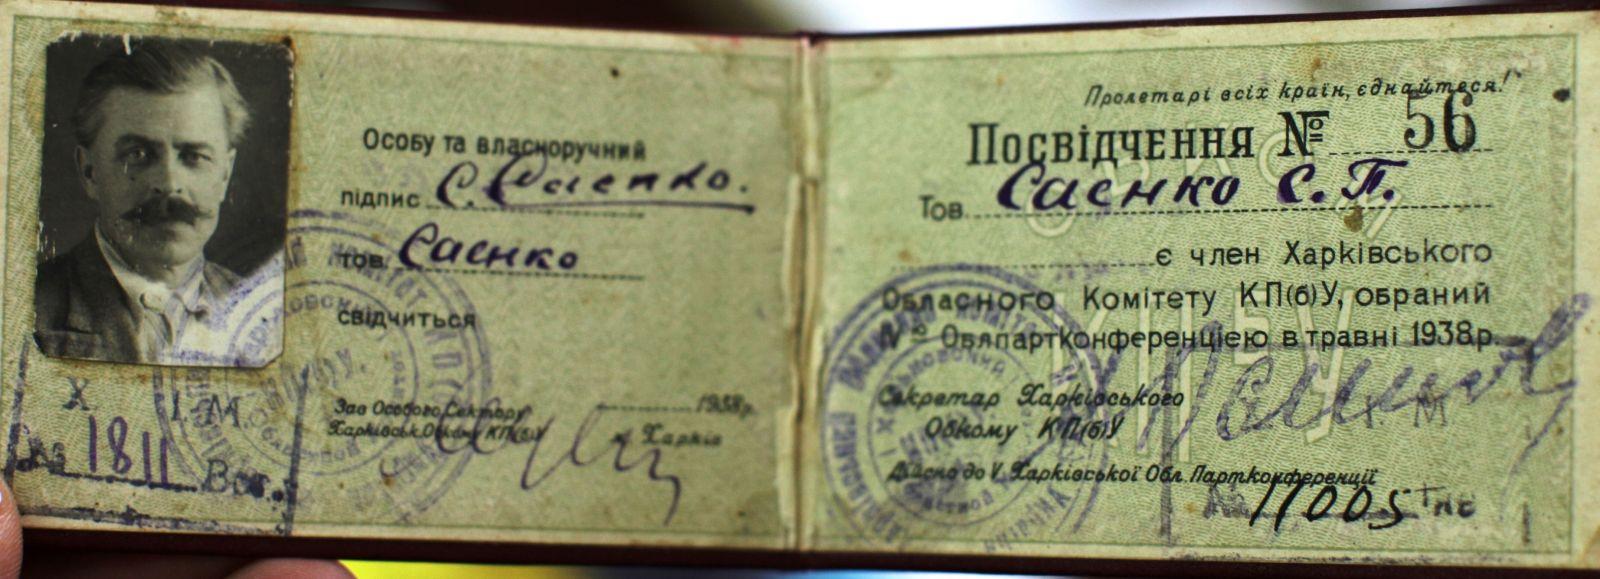 Обкомівське посвідчення 1938 року. З колекції ХІМ